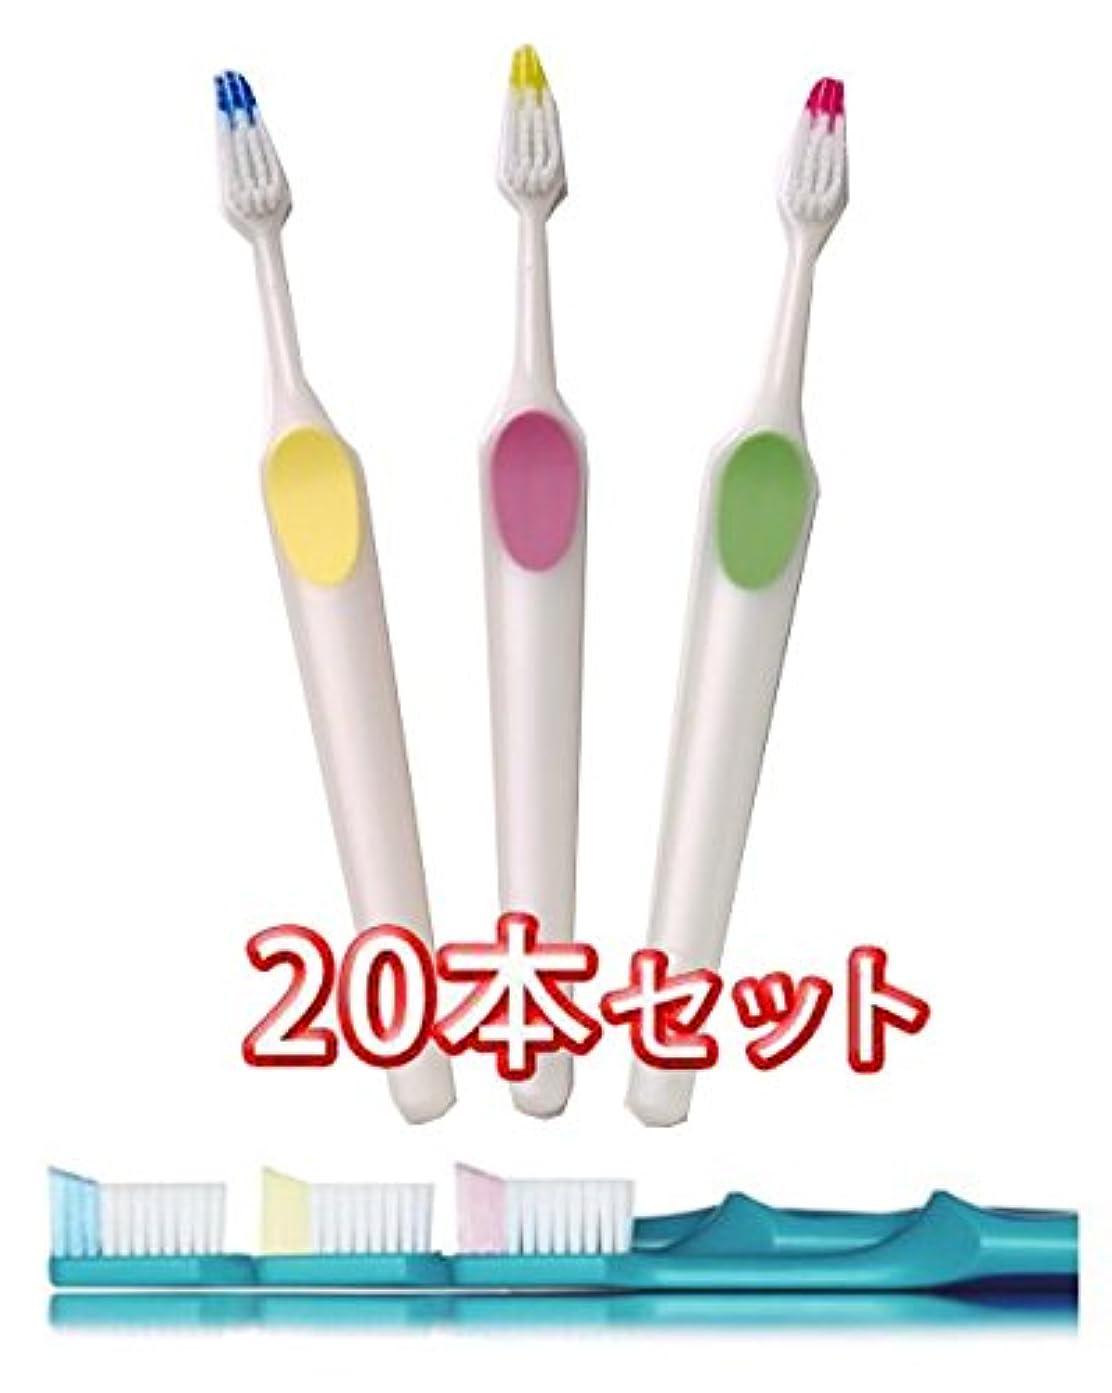 ブランデー朝ごはん群衆クロスフィールド TePe テペ ノバ(Nova) 歯ブラシ 20本 (エクストラソフト)